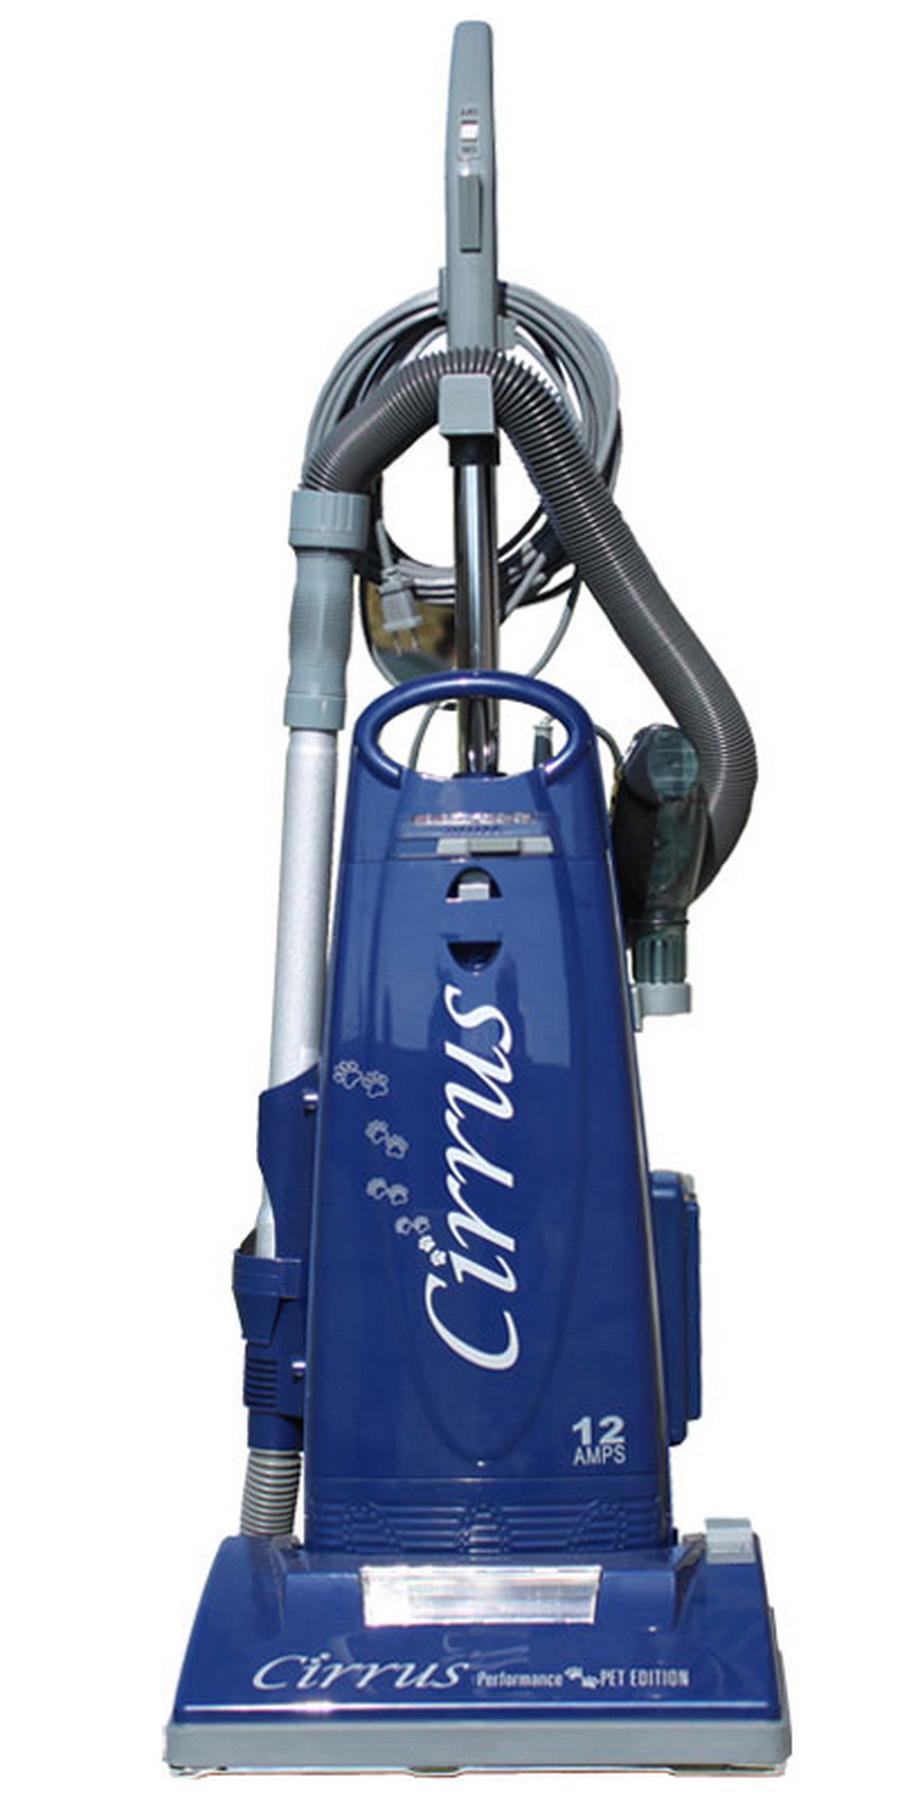 Cirrus C-CR99 Pet Owners Edition Upright Vacuum